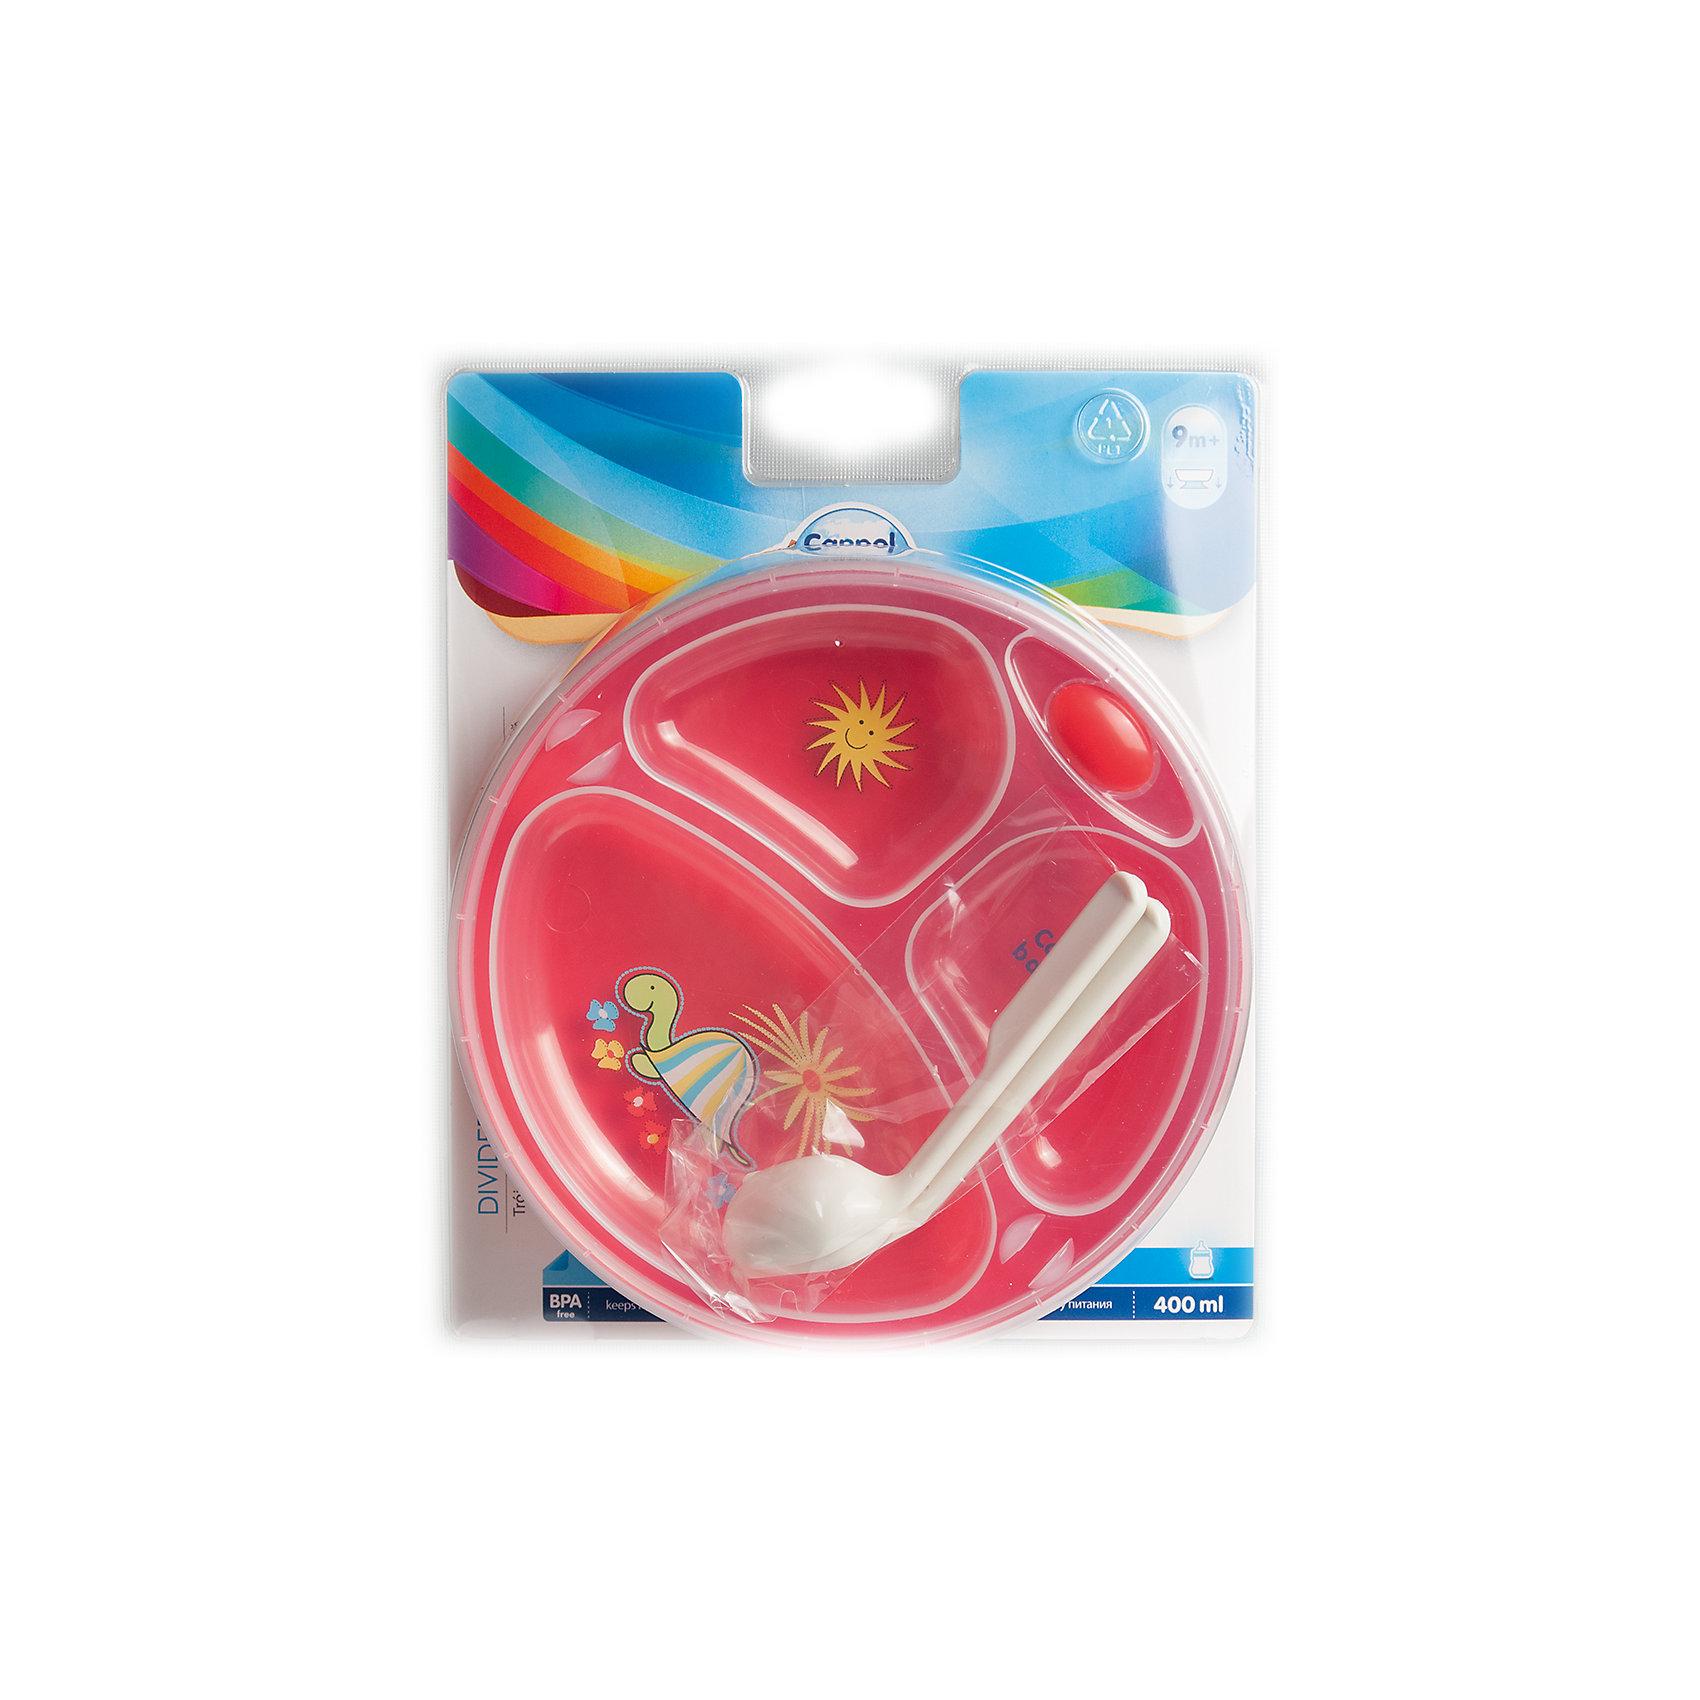 Термотарелка с ложкой и вилкой Colourful animals, 9+, Canpol Babies, красныйПосуда для малышей<br>Термотарелка с ложкой и вилкой Colourful animals, 9+, Canpol Babies (Канпол беби), красный.<br><br>Характеристики:<br>• есть три отсека для еды<br>• антискользящее дно<br>• ложка и вилка в комплекте<br>• материалы безопасны для ребенка<br>• размер: 20х20х10<br>• вес: 200 грамм<br>• цвет: красный<br>• материал: полипропилен <br>• объем: 120 мл<br><br>Термотарелка Colourful animals сохранит еду для малыша теплой в течение длительного времени. Специальный замочек плотно закрывает резервуар для теплой воды. Тарелка имеет три отсека, что очень удобно при подаче нескольких блюд, которые не желательно смешивать. В комплект входят ложка и вилка с удобной ручкой. Тарелка имеет антискользящее дно, благодаря которому малыш не сможет опрокинуть посуду. Интересный рисунок на дне стимулирует интерес к пище. С этой тарелкой кроха будет есть с удовольствием!<br><br>Термотарелка с ложкой и вилкой Colourful animals, 9+, Canpol Babies (Канпол беби), красный вы можете купить в нашем интернет-магазине.<br><br>Ширина мм: 220<br>Глубина мм: 65<br>Высота мм: 260<br>Вес г: 1900<br>Возраст от месяцев: 9<br>Возраст до месяцев: 36<br>Пол: Унисекс<br>Возраст: Детский<br>SKU: 5156698